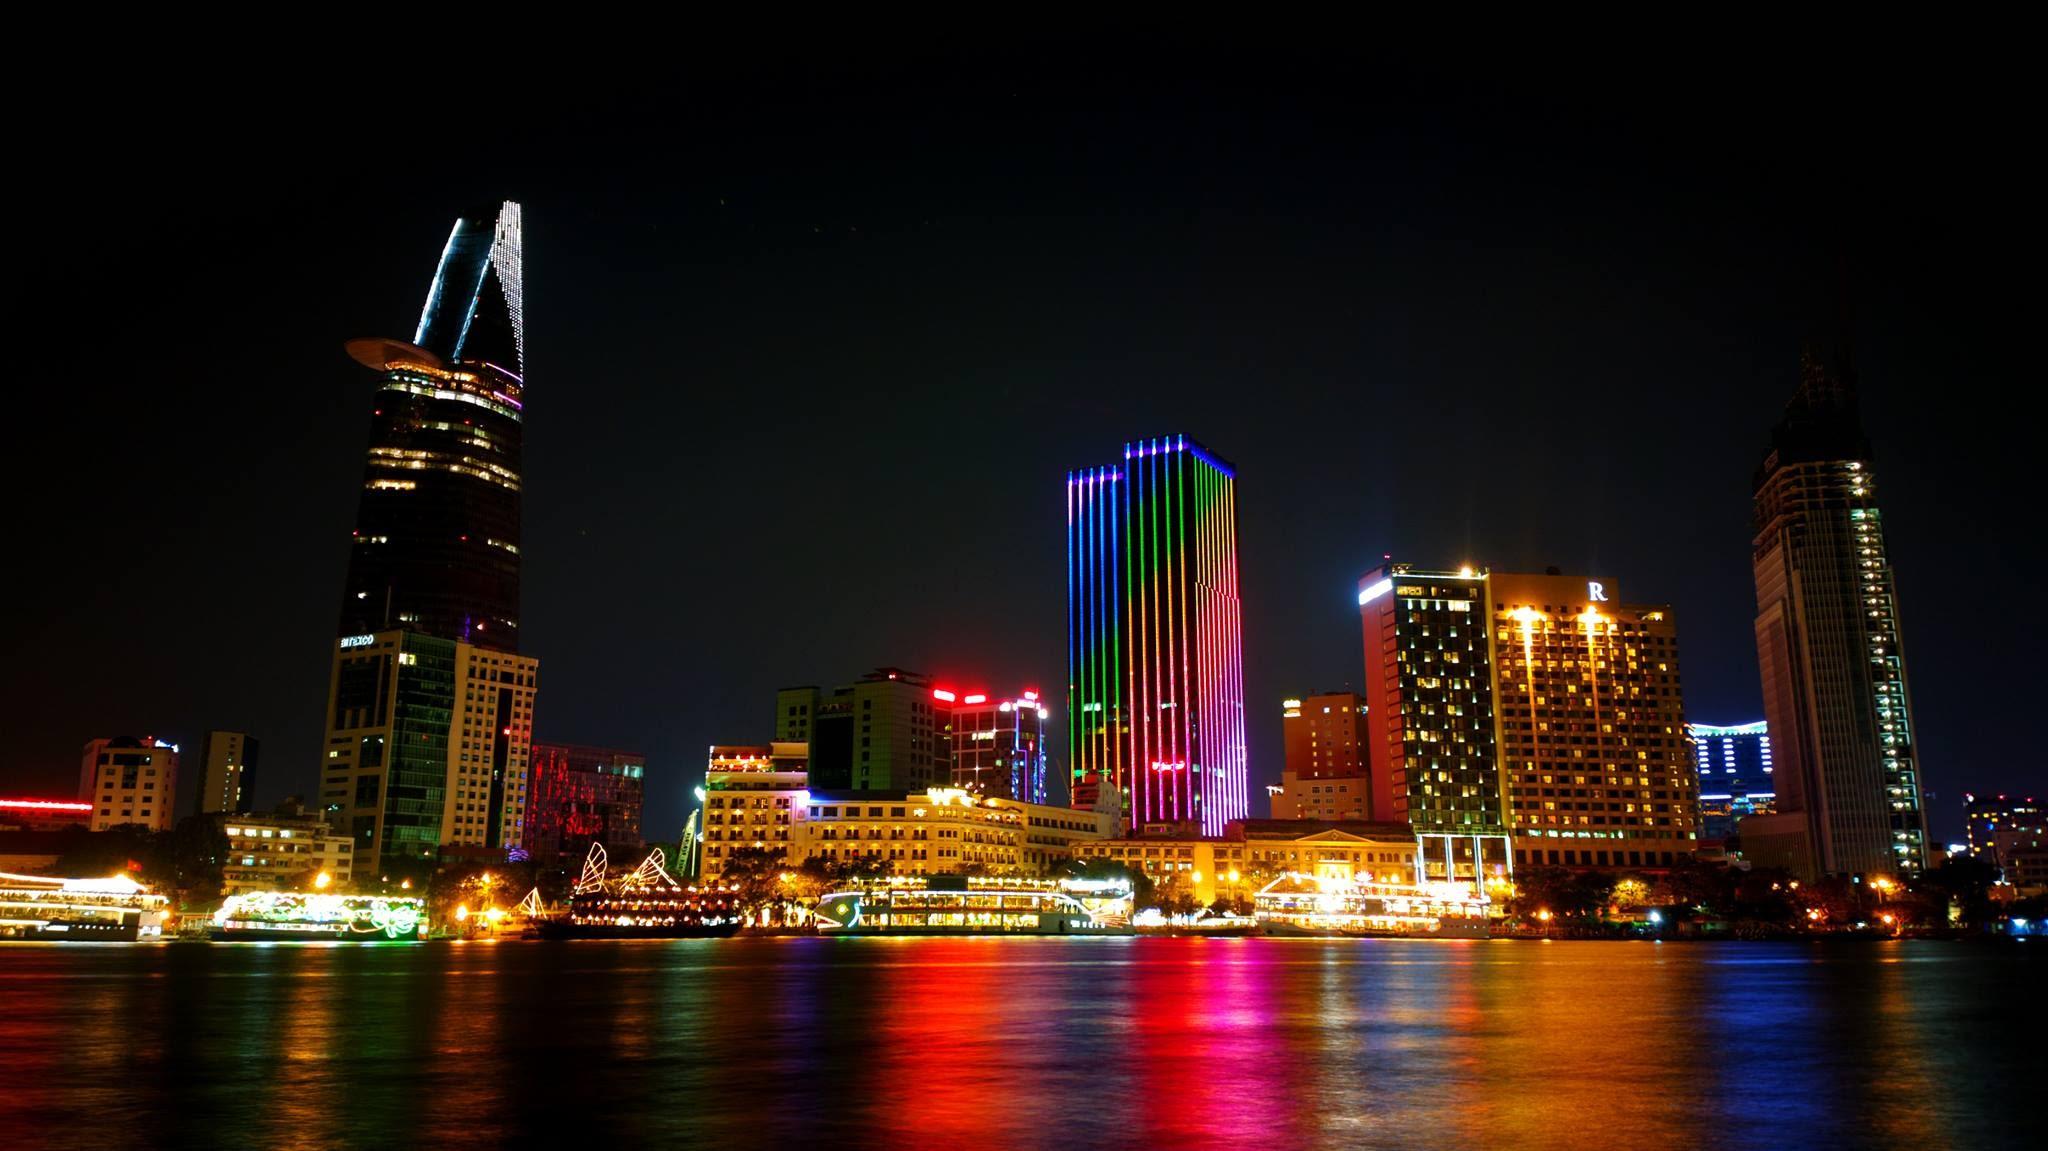 Dich vu chuyen phat nhanh quan Phu Nhuan gia cuc uu dai, Dịch vụ chuyển phát nhanh quận Phú Nhuận giá cực ưu đãi